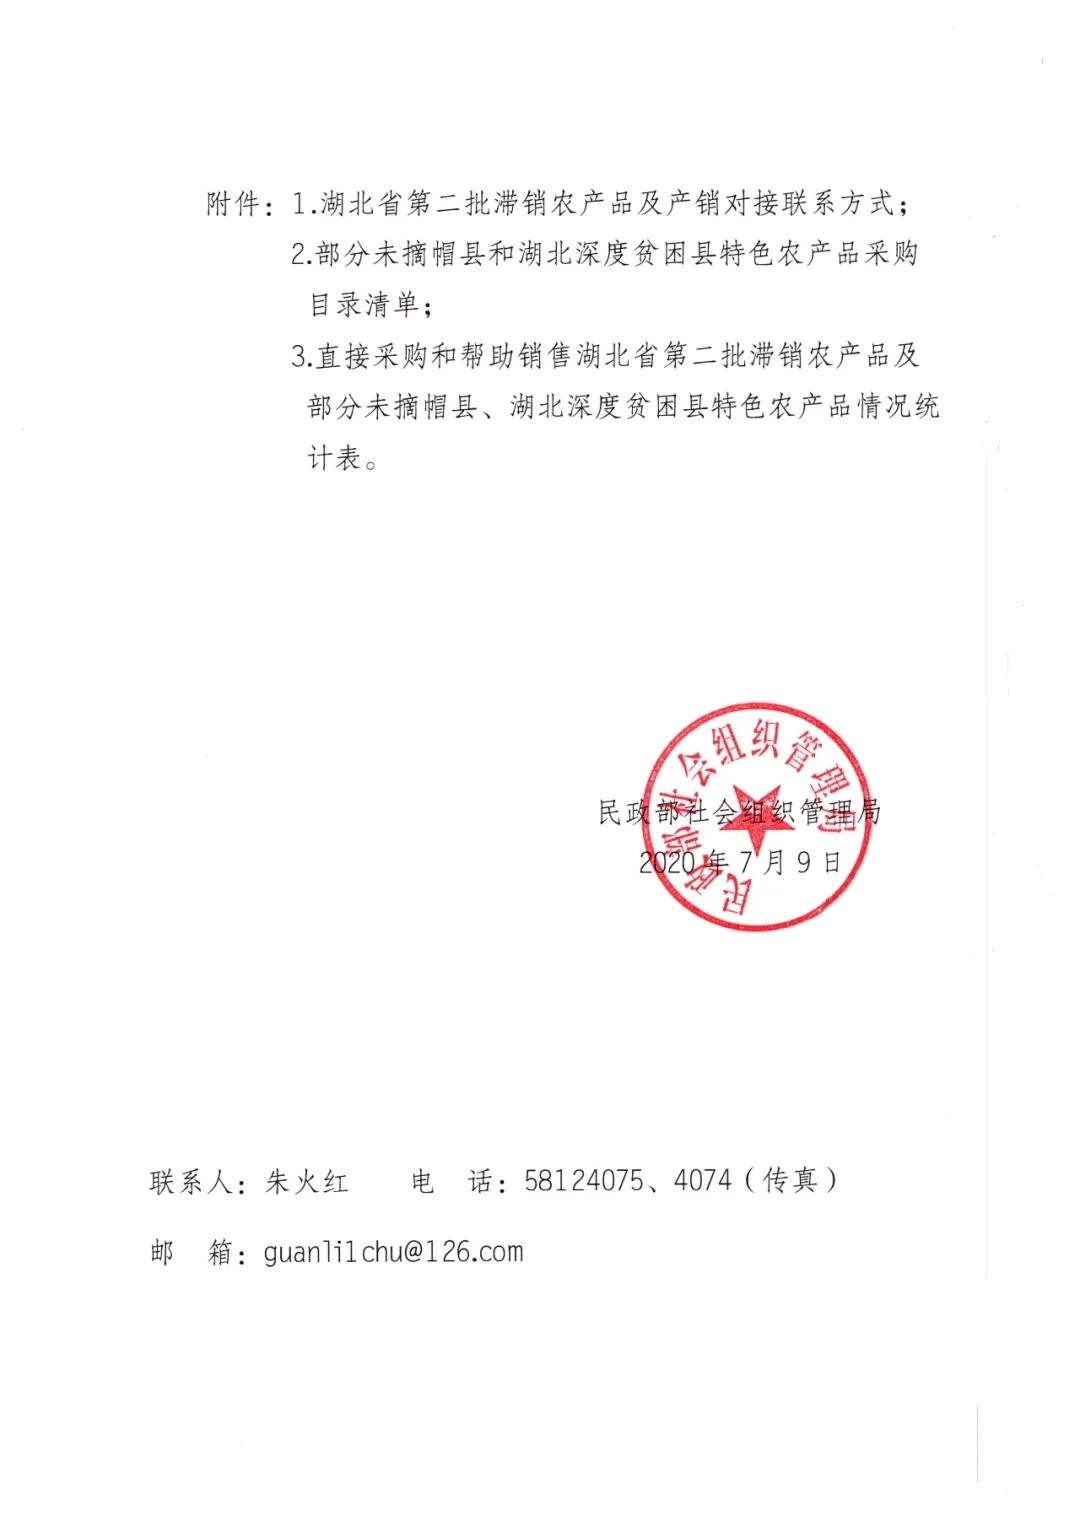 附件1:民政部通知第2页.jpg